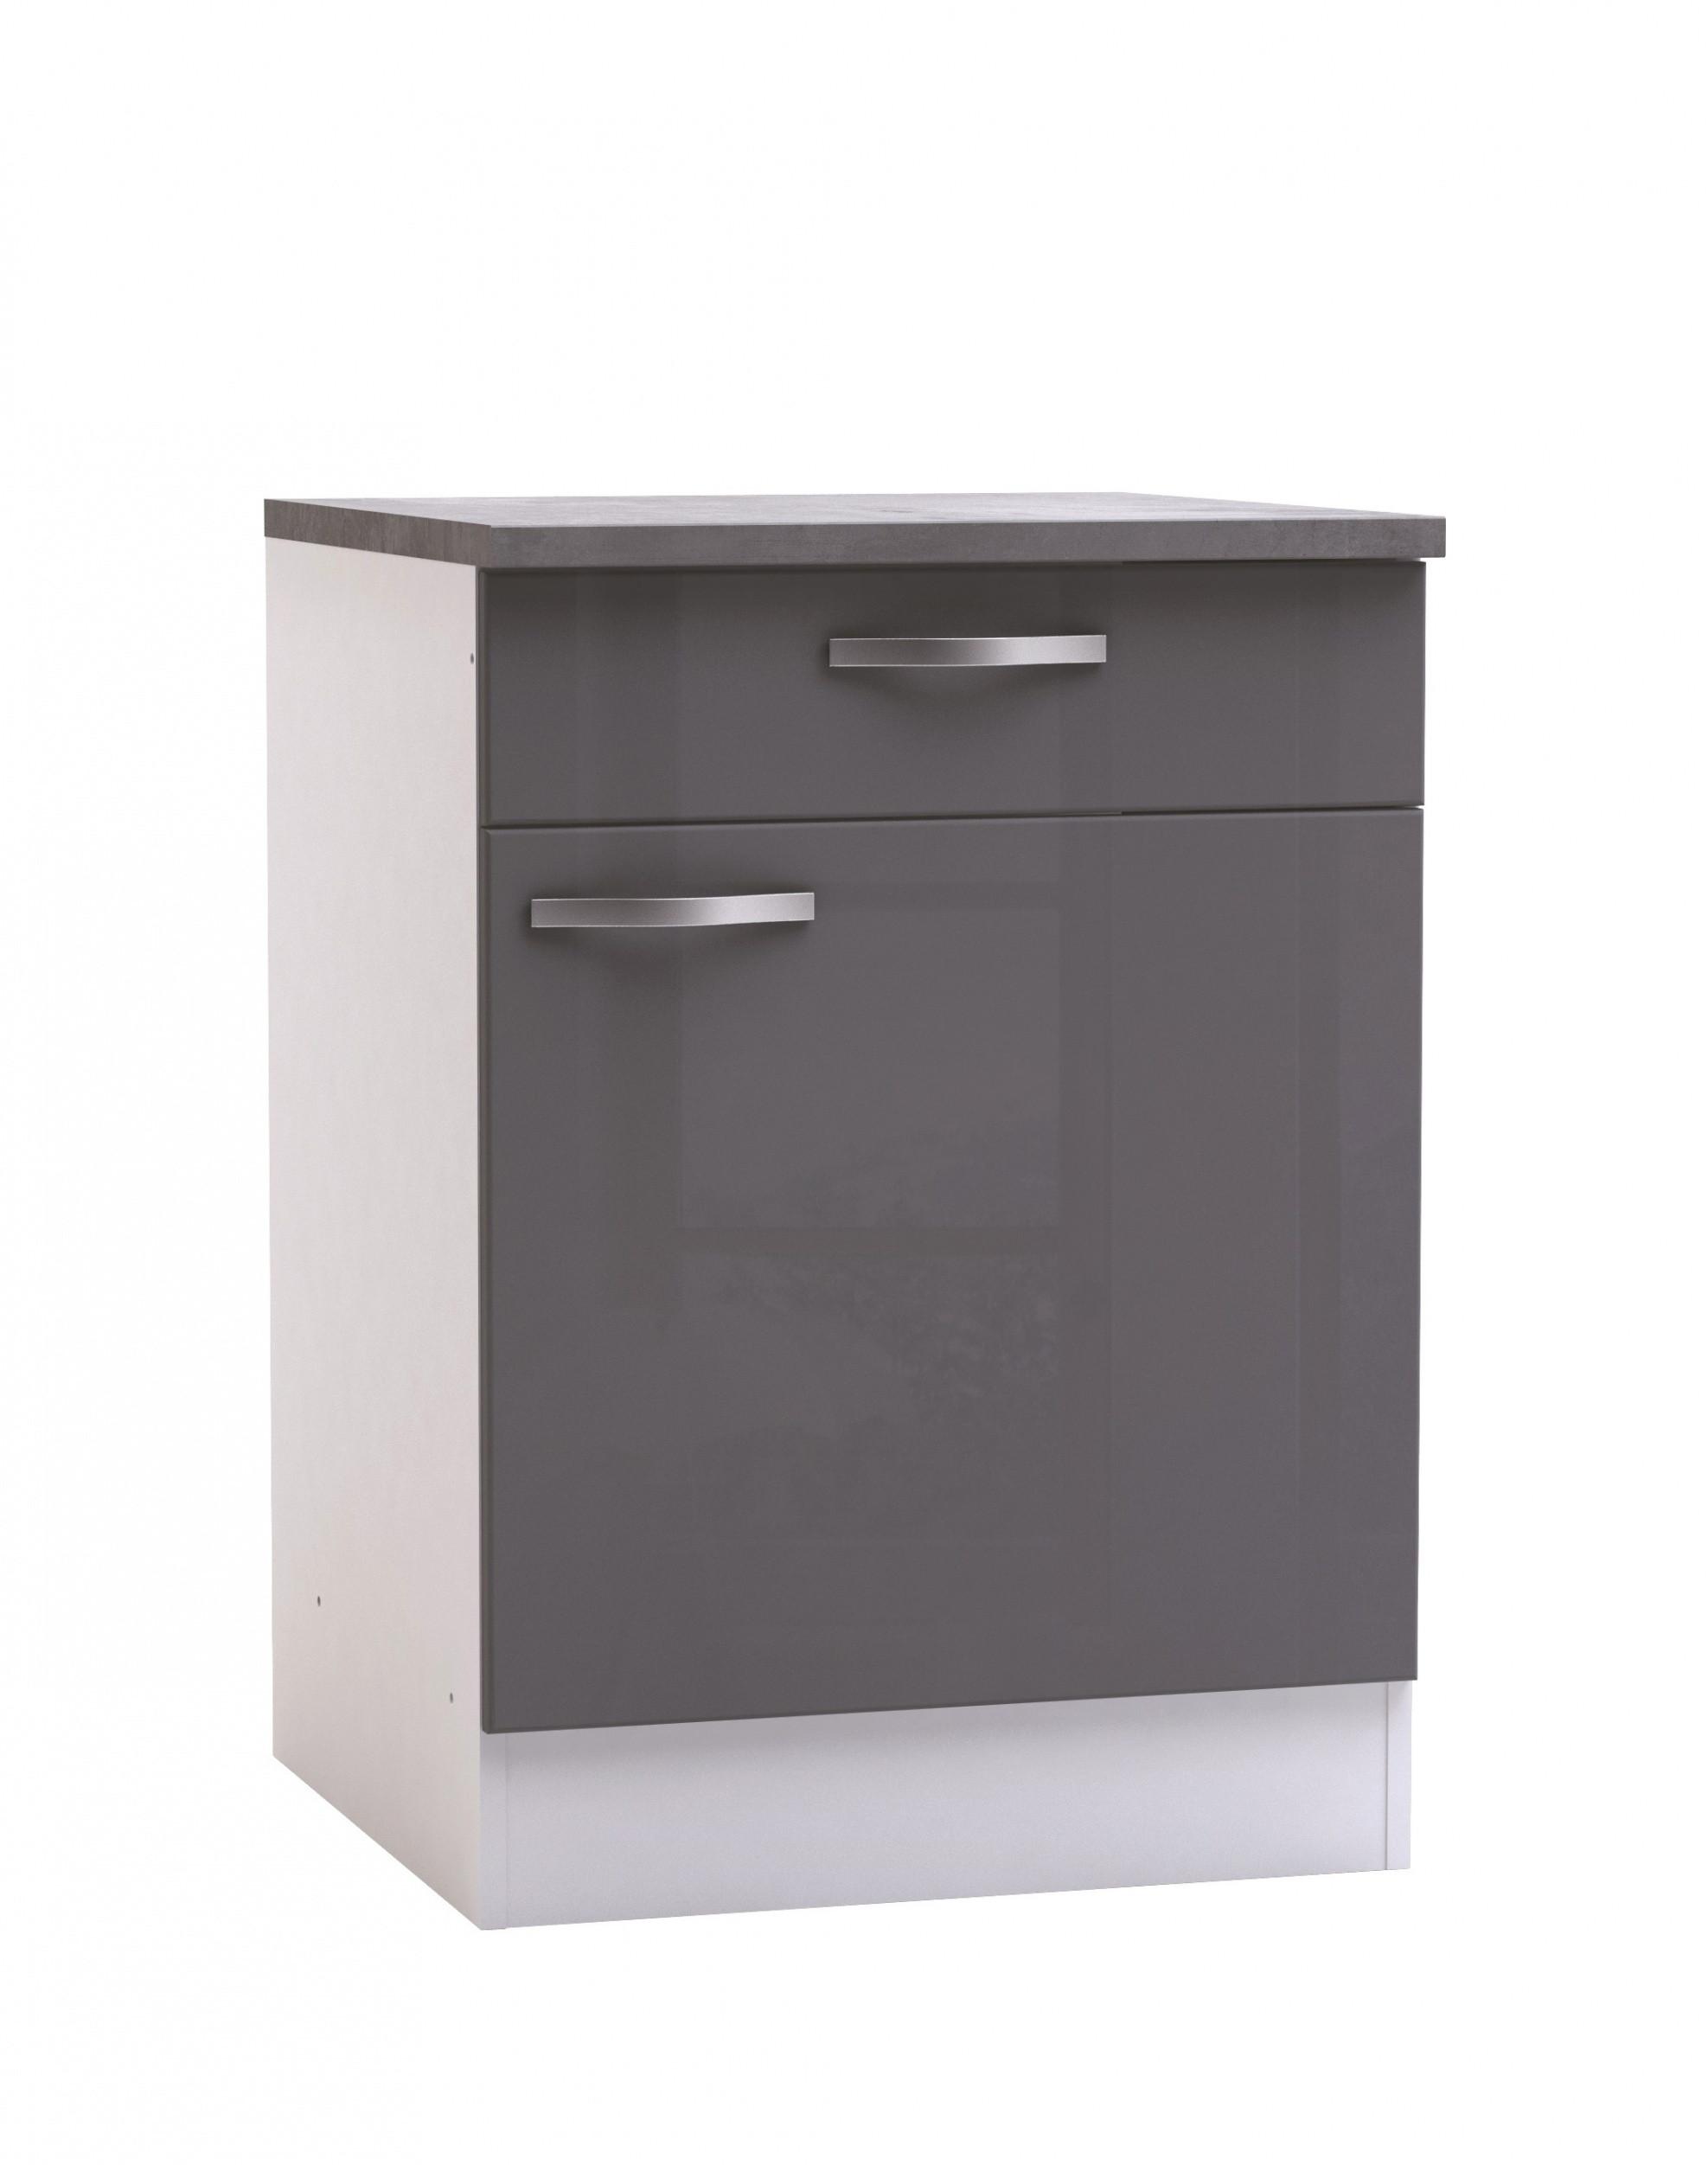 meuble bas blanc meuble bas metal best meuble noir et bois meuble blanc 0d range of meuble bas blanc